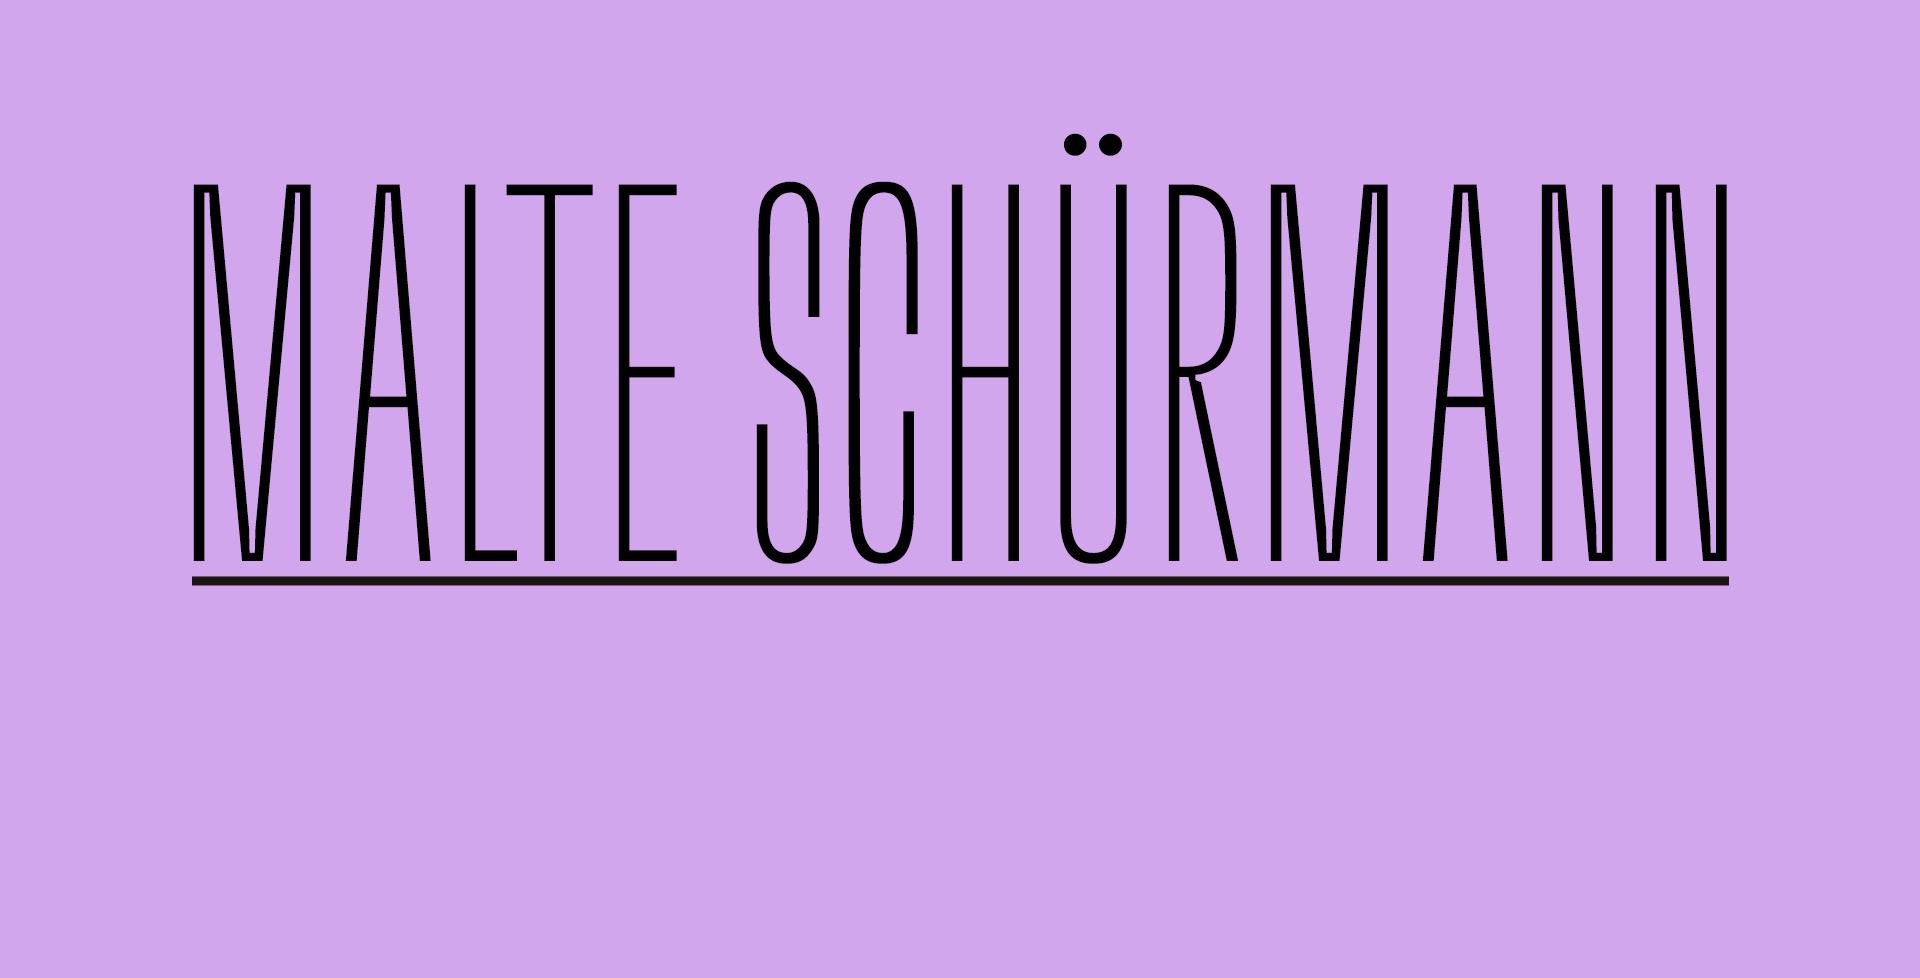 Malte_Schuermann_header